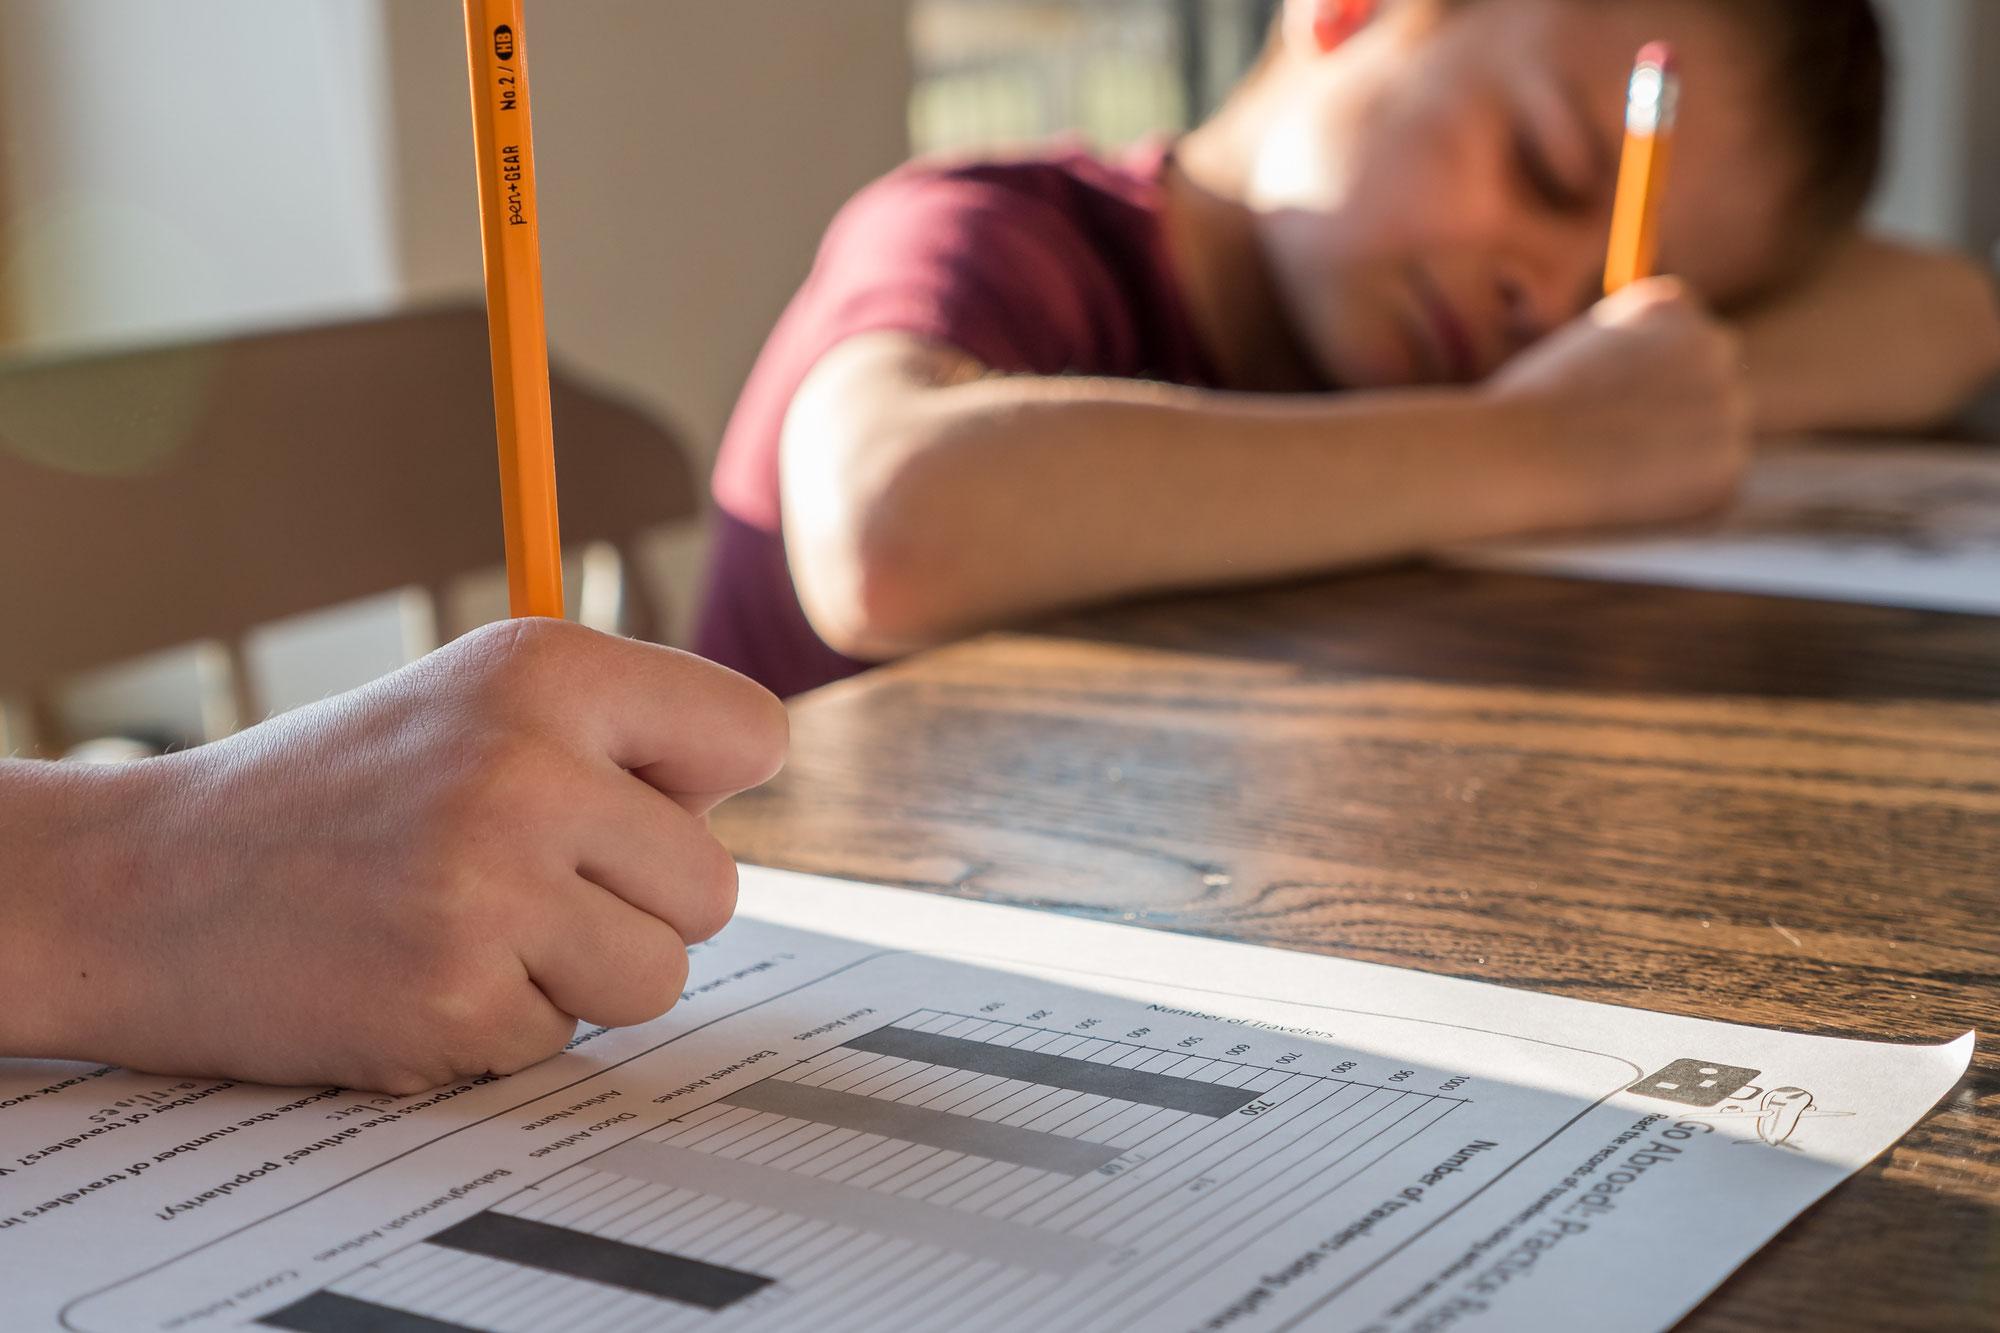 Quand scolarité rime avec difficulté